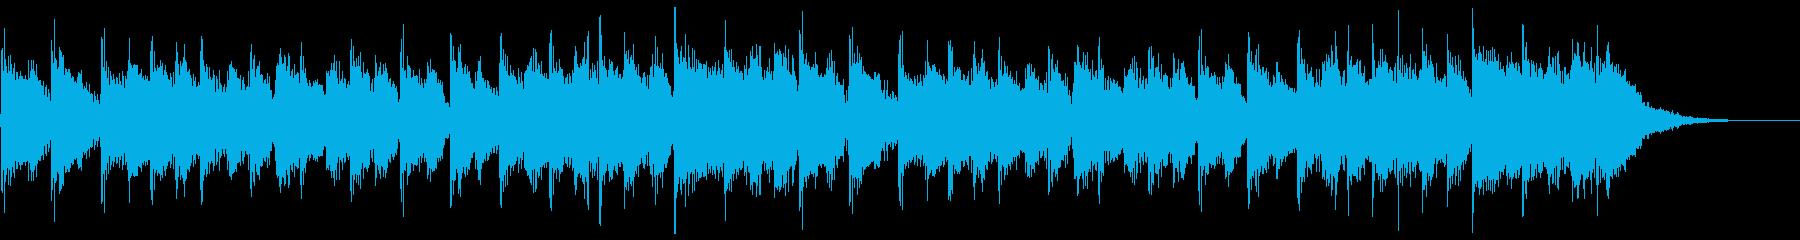 スポーツ系ジングル(16秒)の再生済みの波形